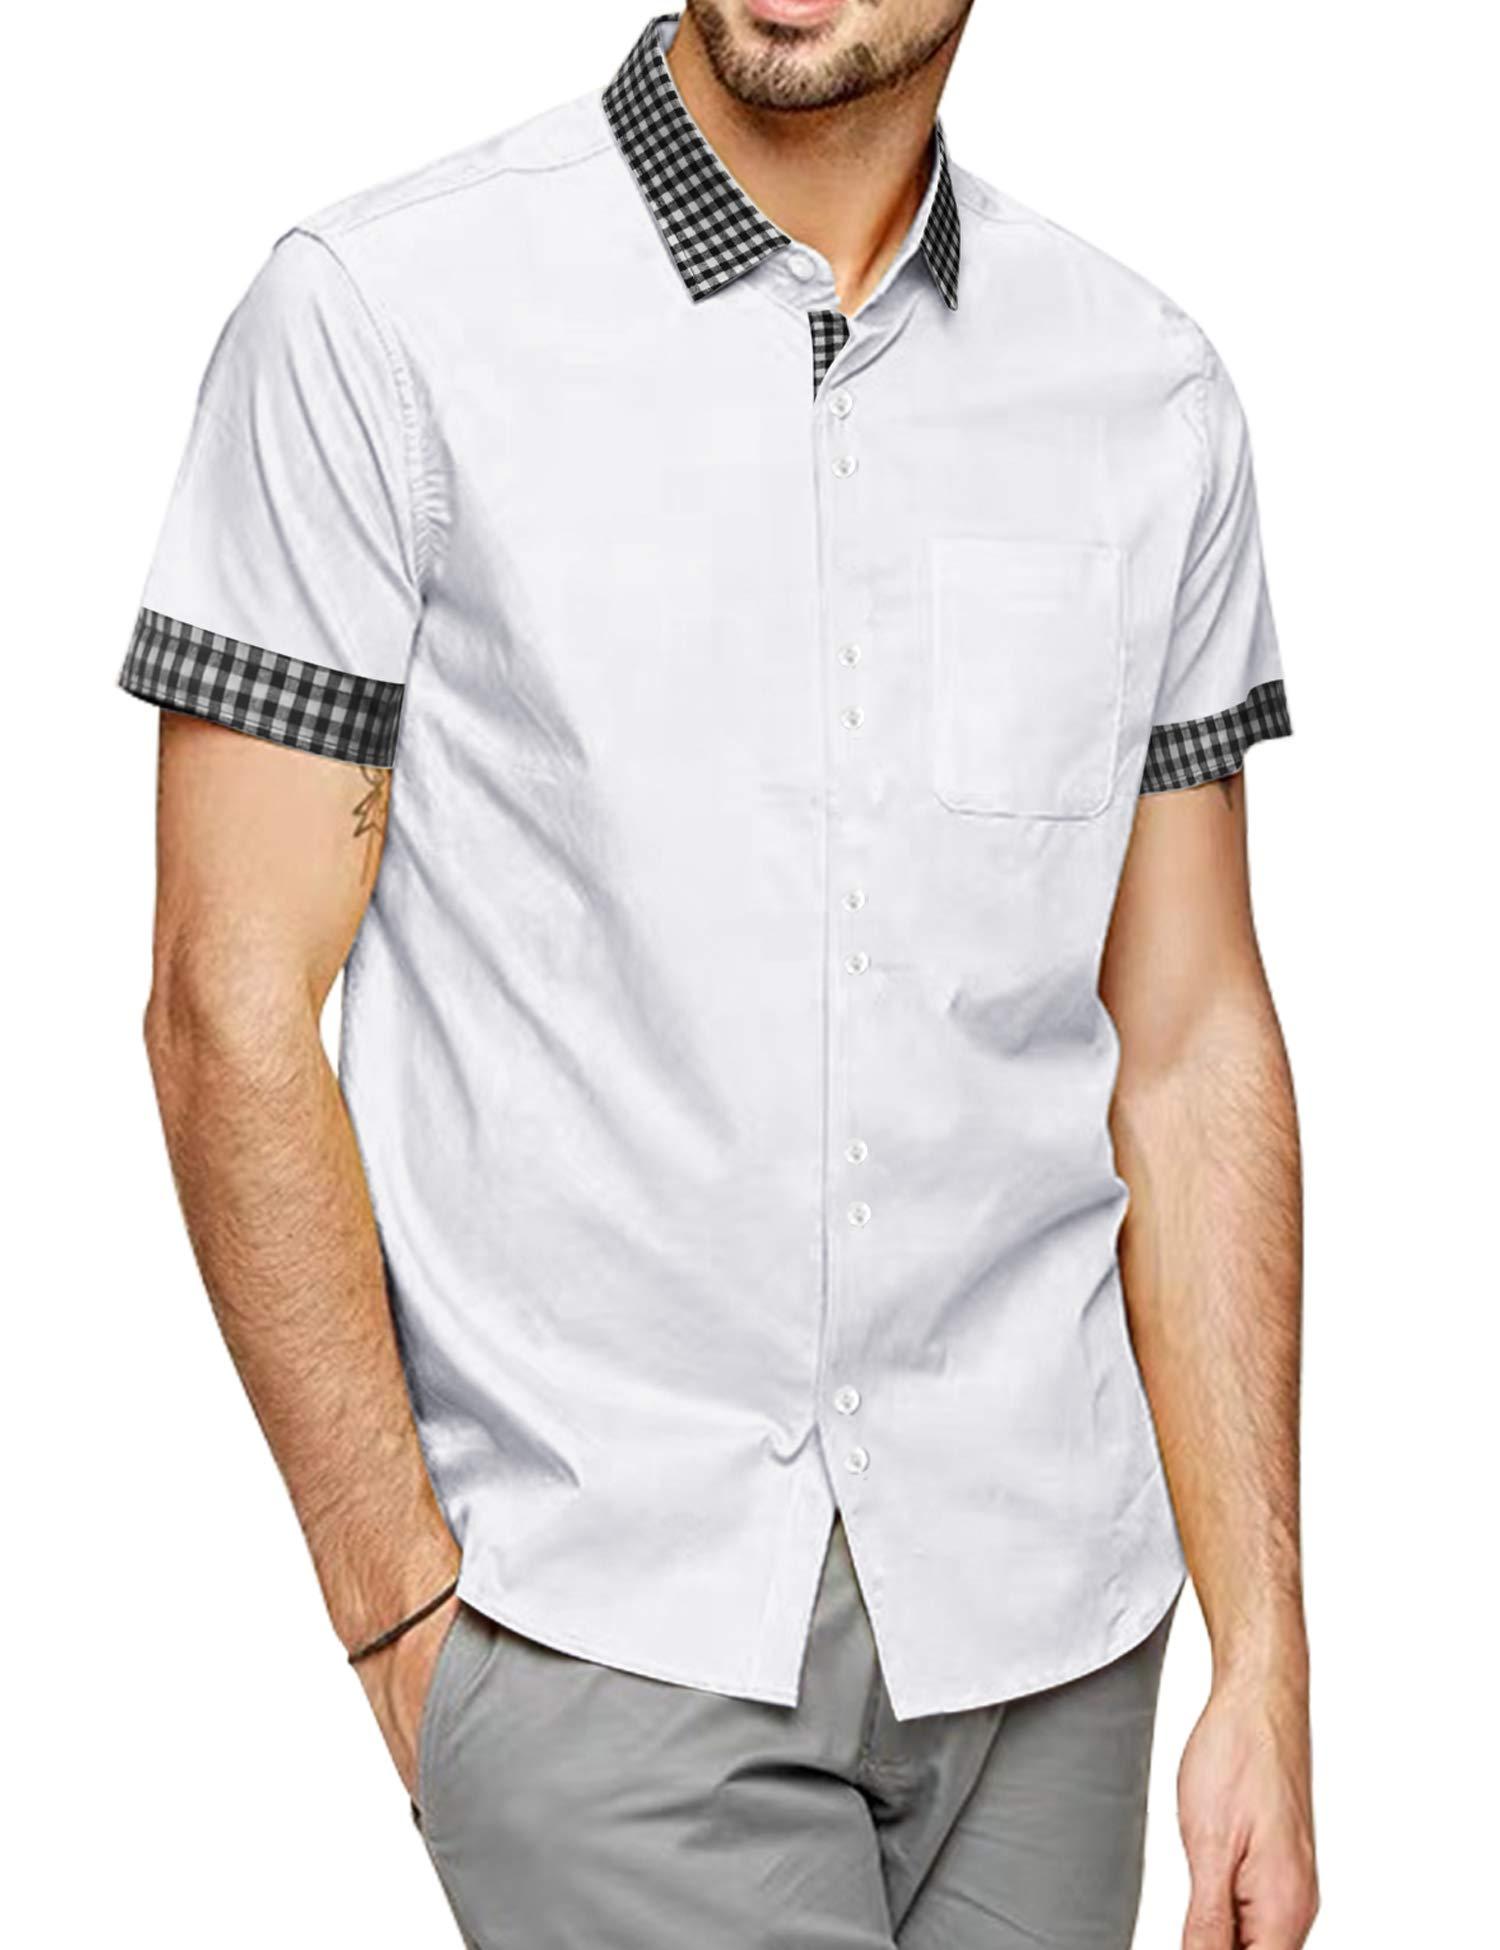 COOFANDY Men's Plaid Collar Casual Button-Down Shirt Short Sleeve Cotton Pocket Dress Shirt